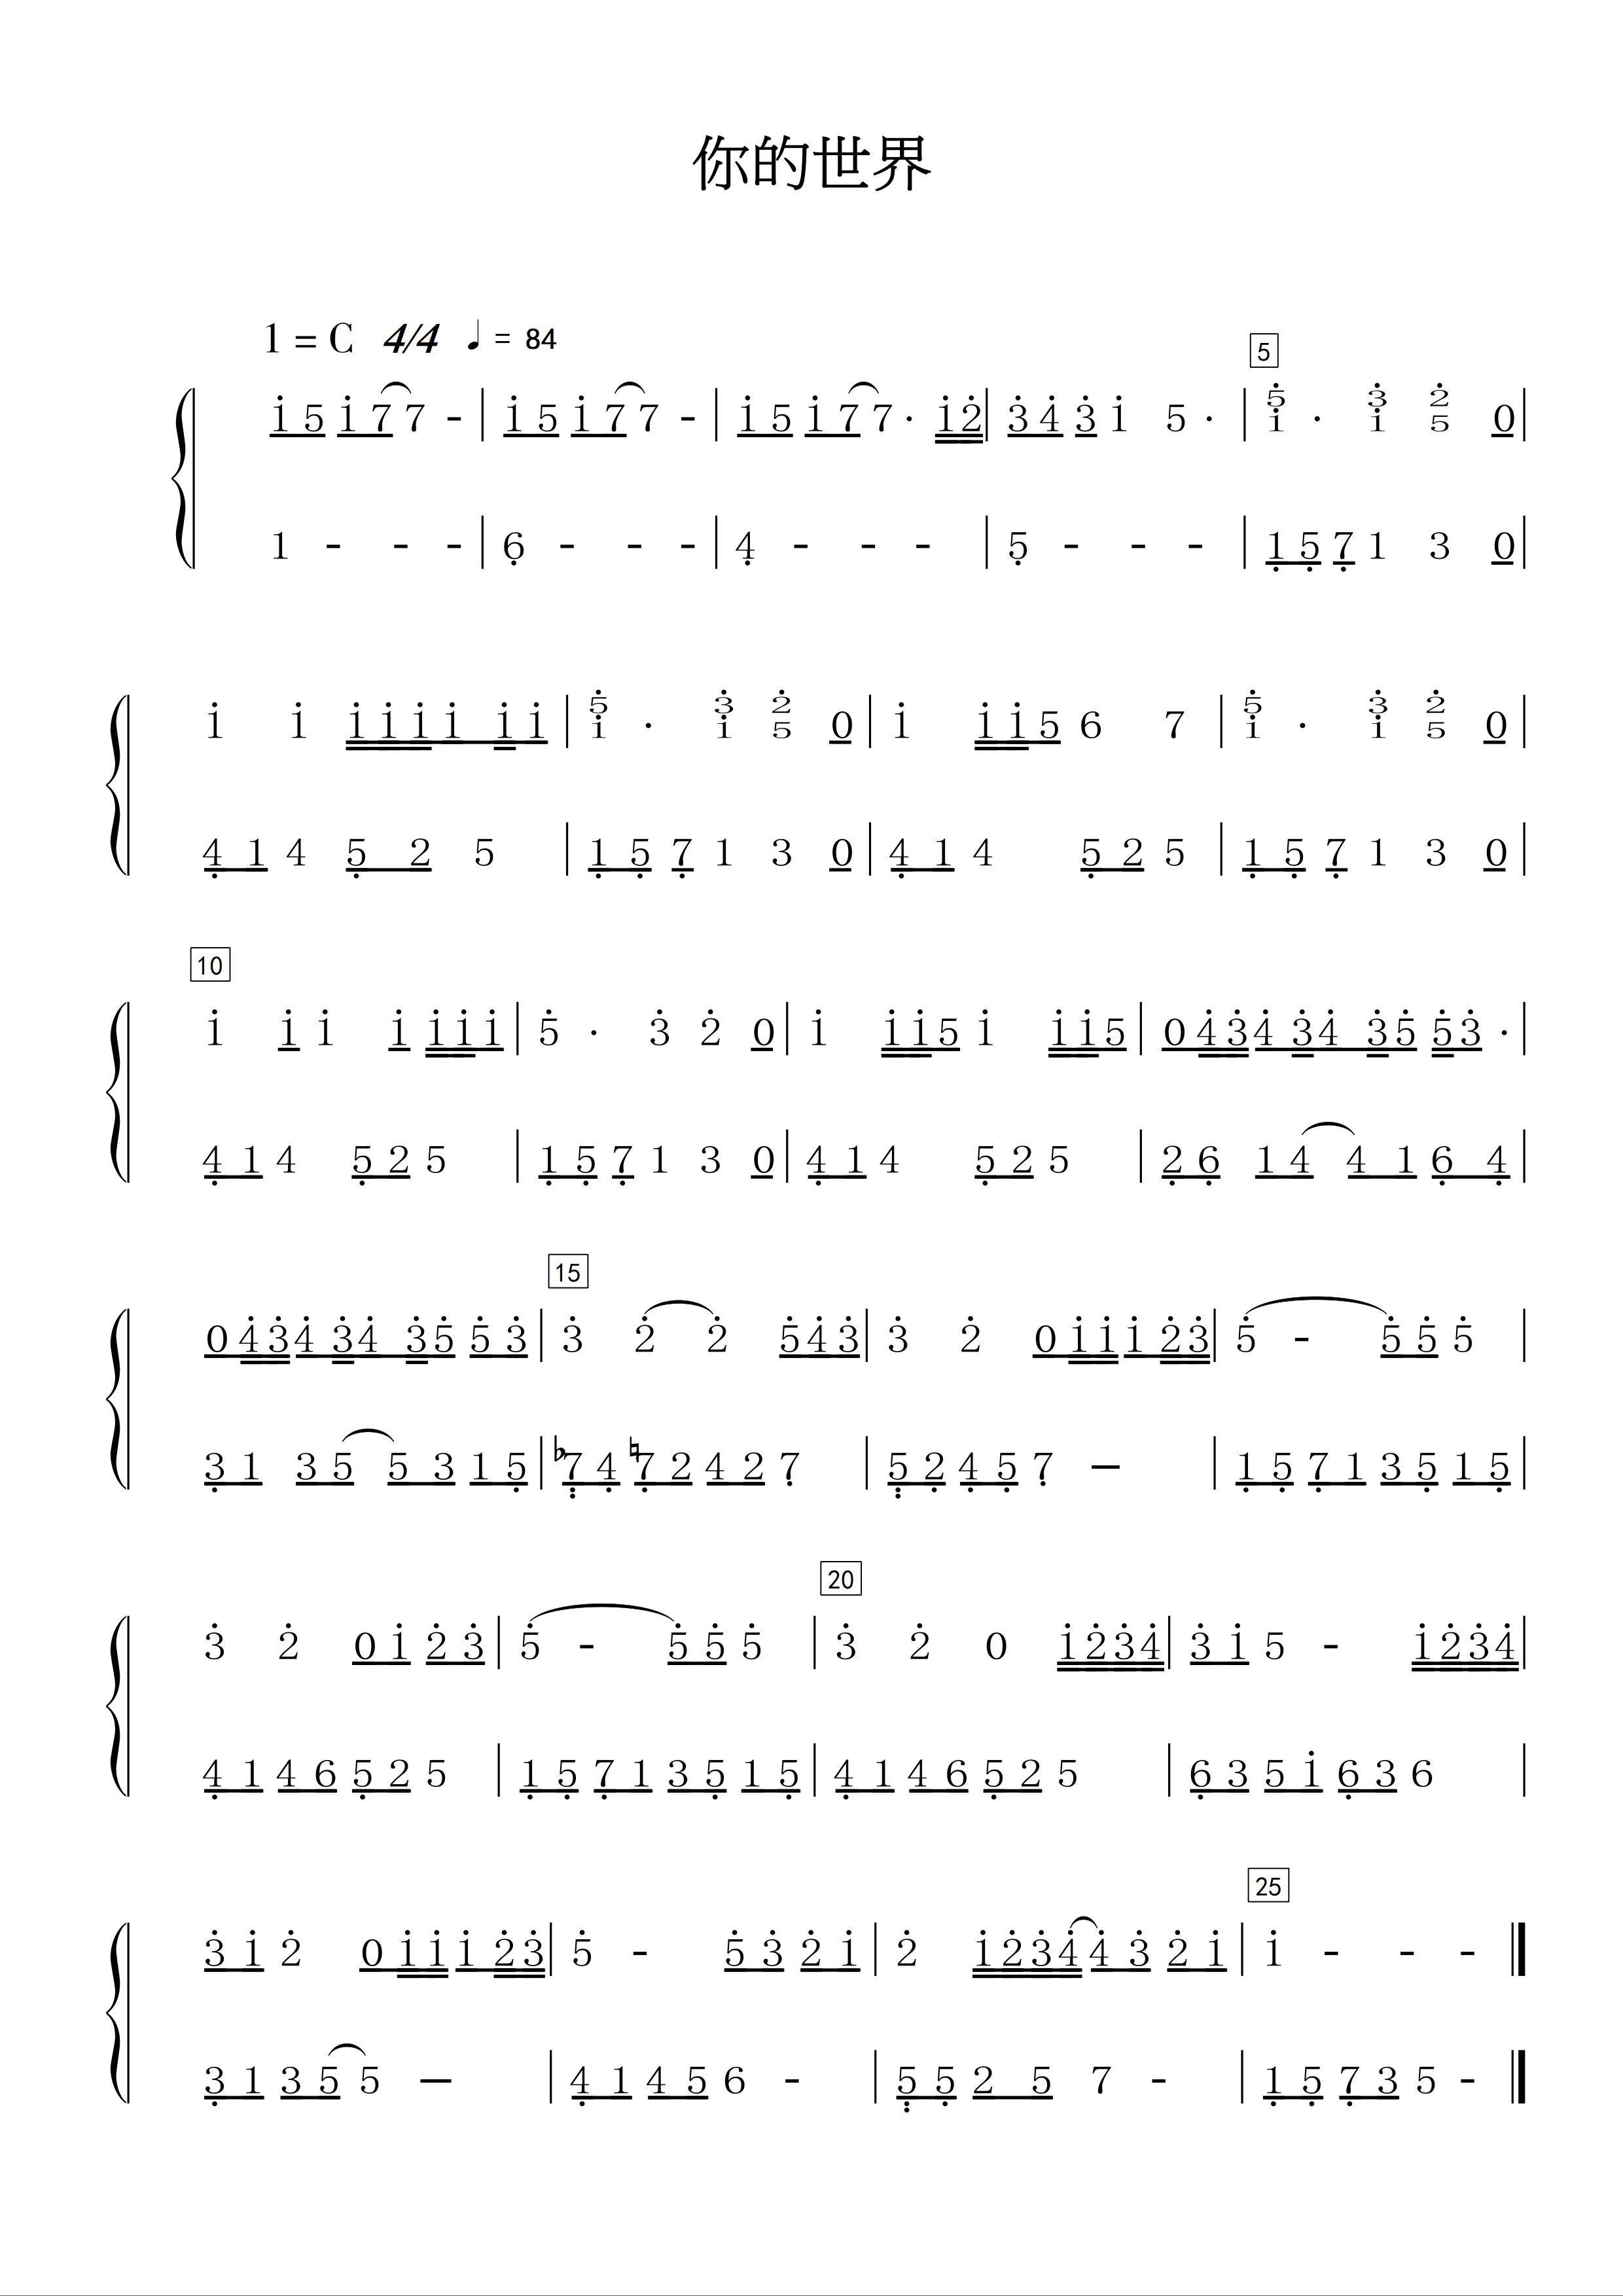 帮我把这个钢琴谱弄成数字的那种,最好是电子琴能弹出来的.图片